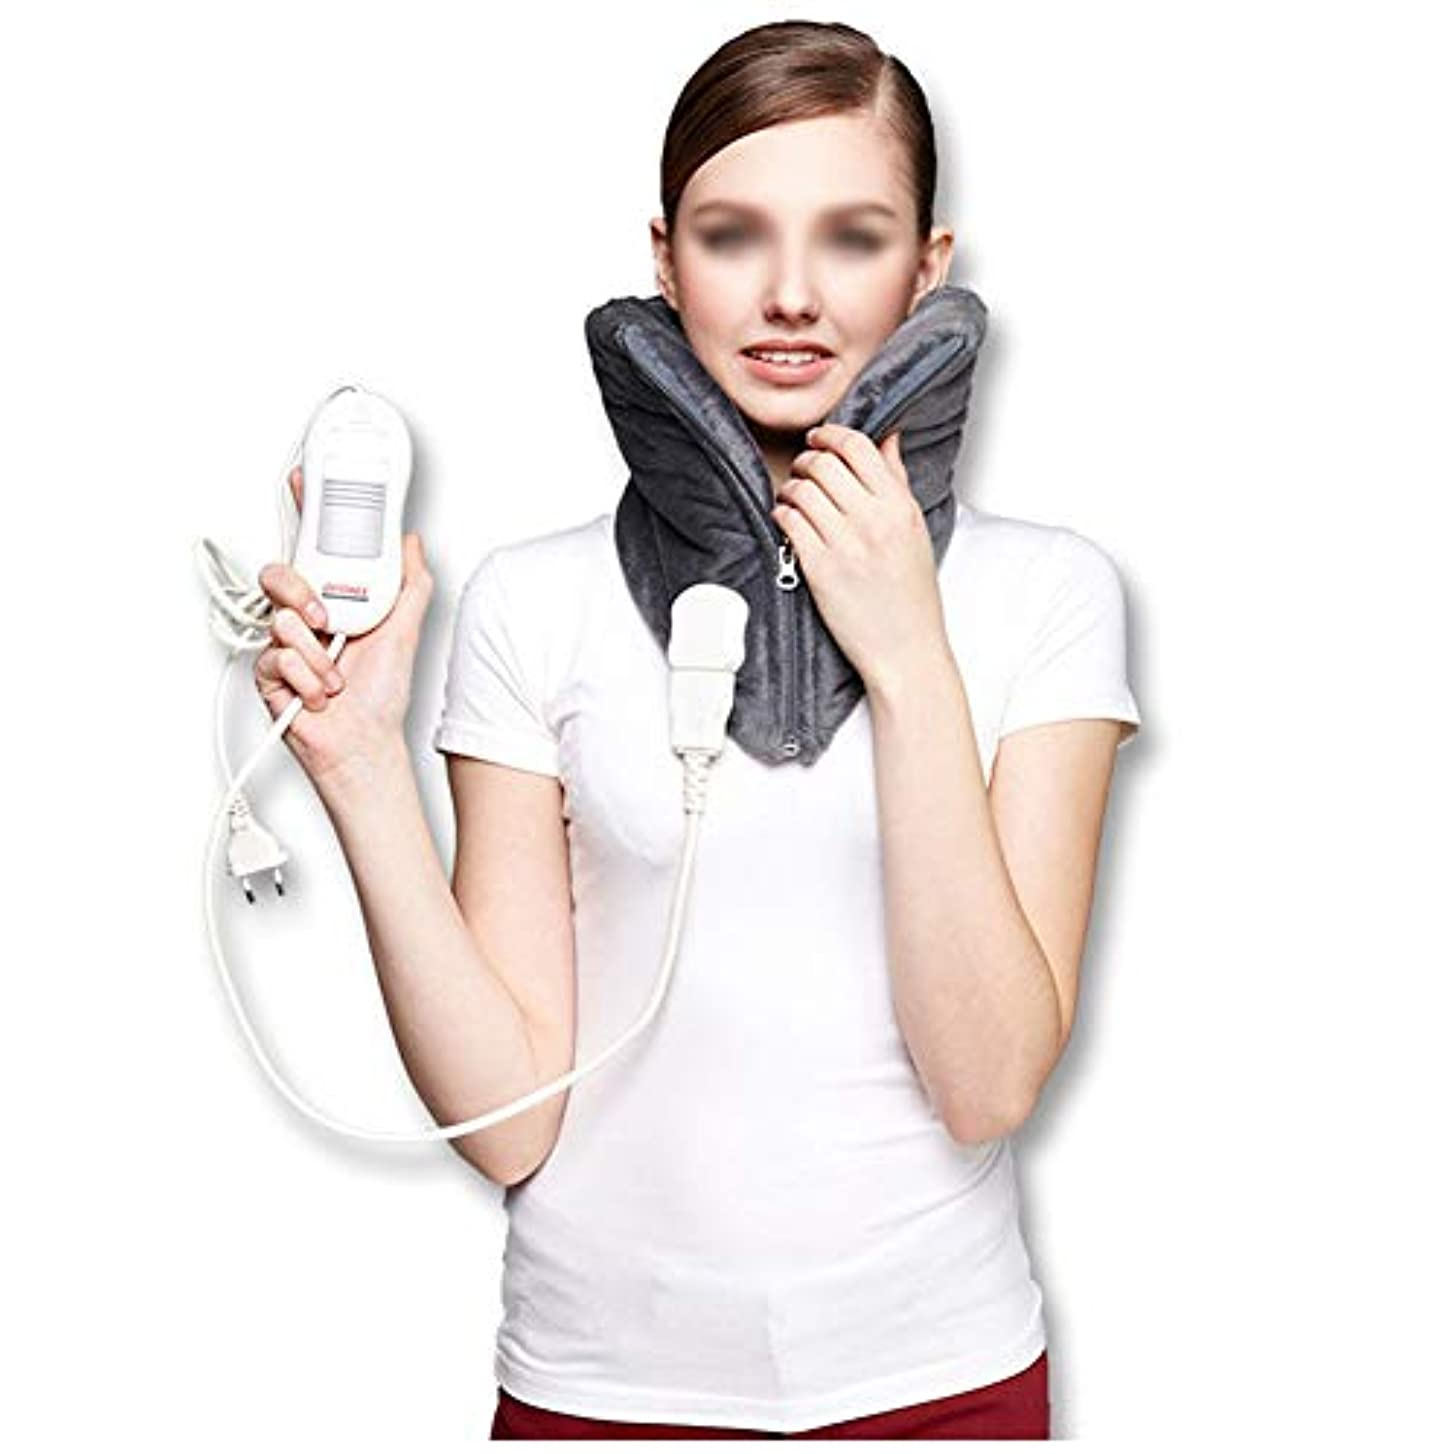 頚部の電気ヒーターパッド - 暖かい頚椎のヒートパッド、自動電源オフ、洗える、3速度一定温度、高齢者の痛みを軽減するマッサージャー